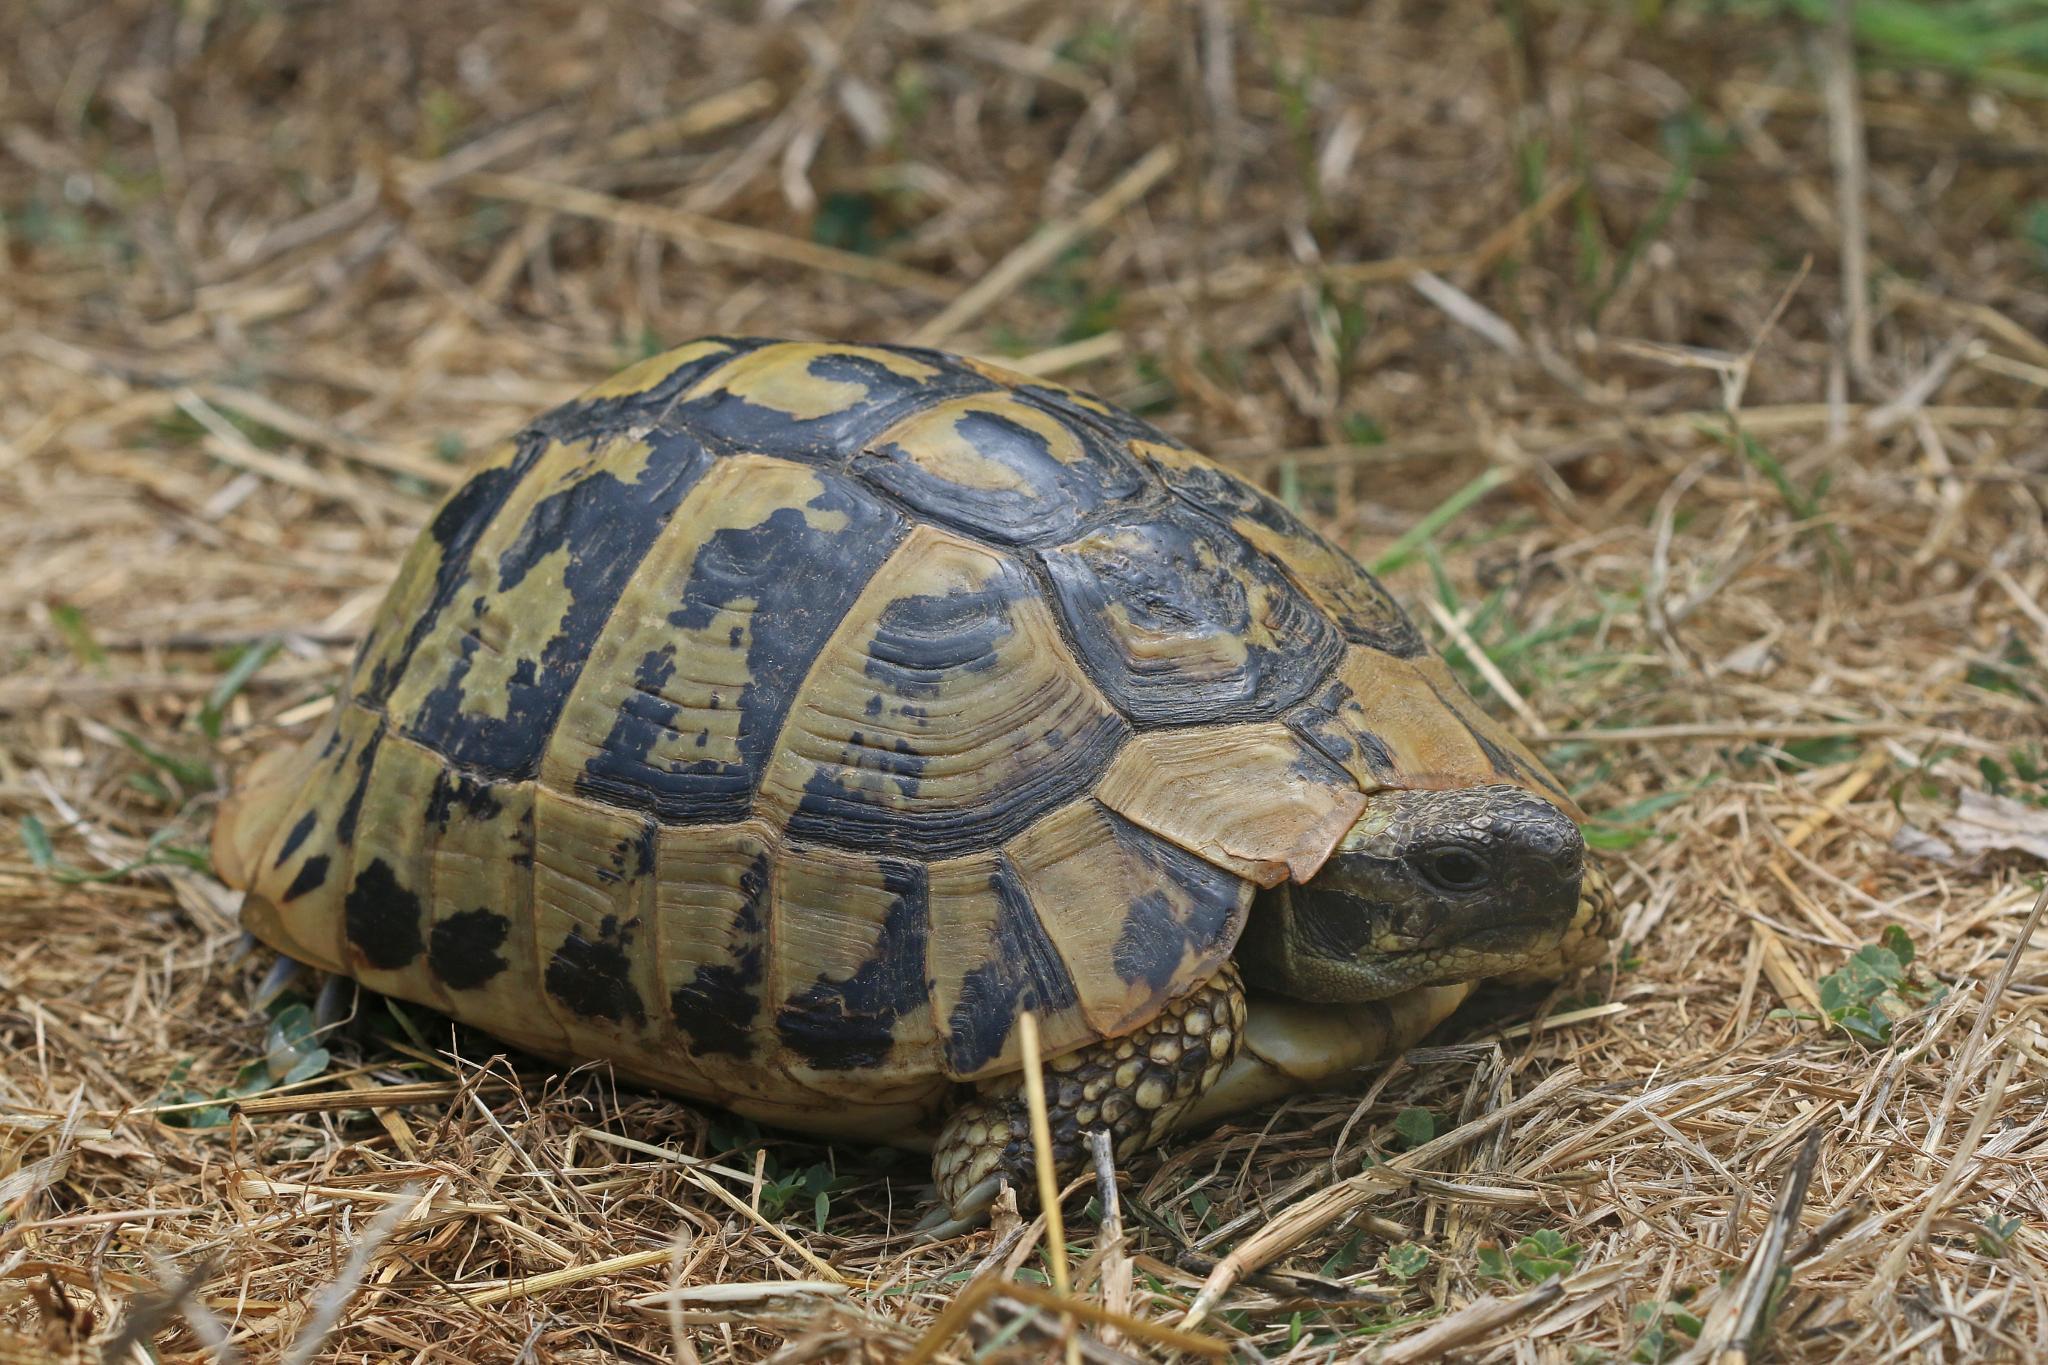 wild herrmans tortoise by jason.fisher.98499